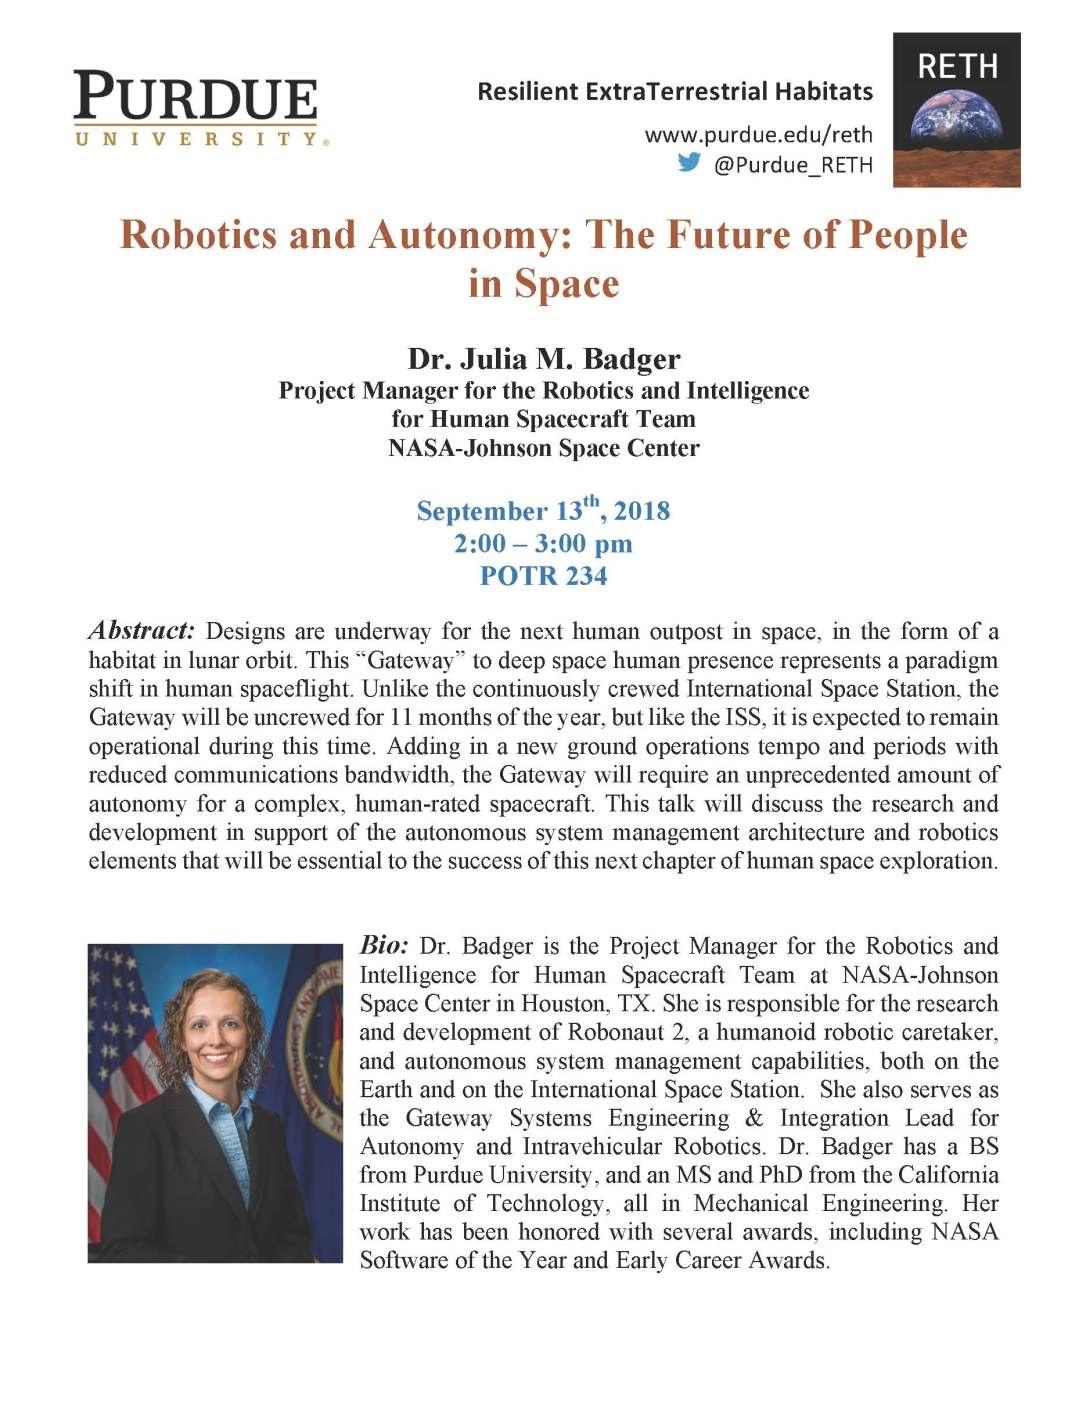 Dr. Julia Badger' seminar flyer.jpg